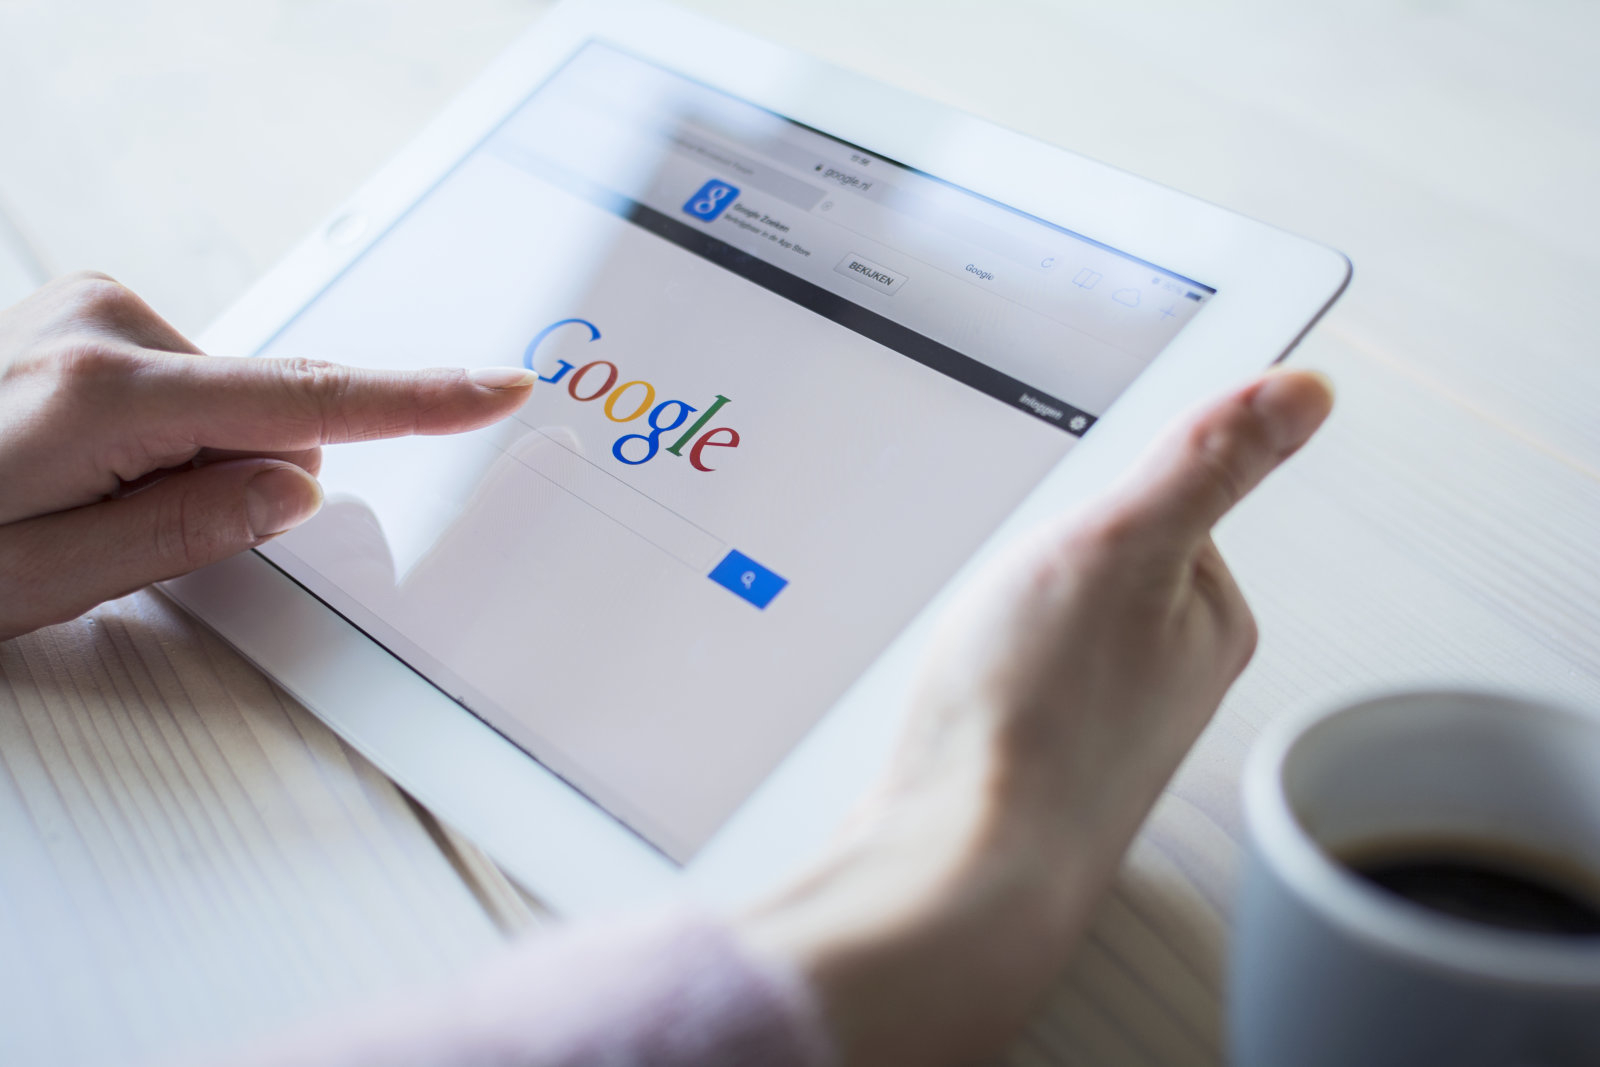 谷歌让所有人都能用到他们的机器学习工具